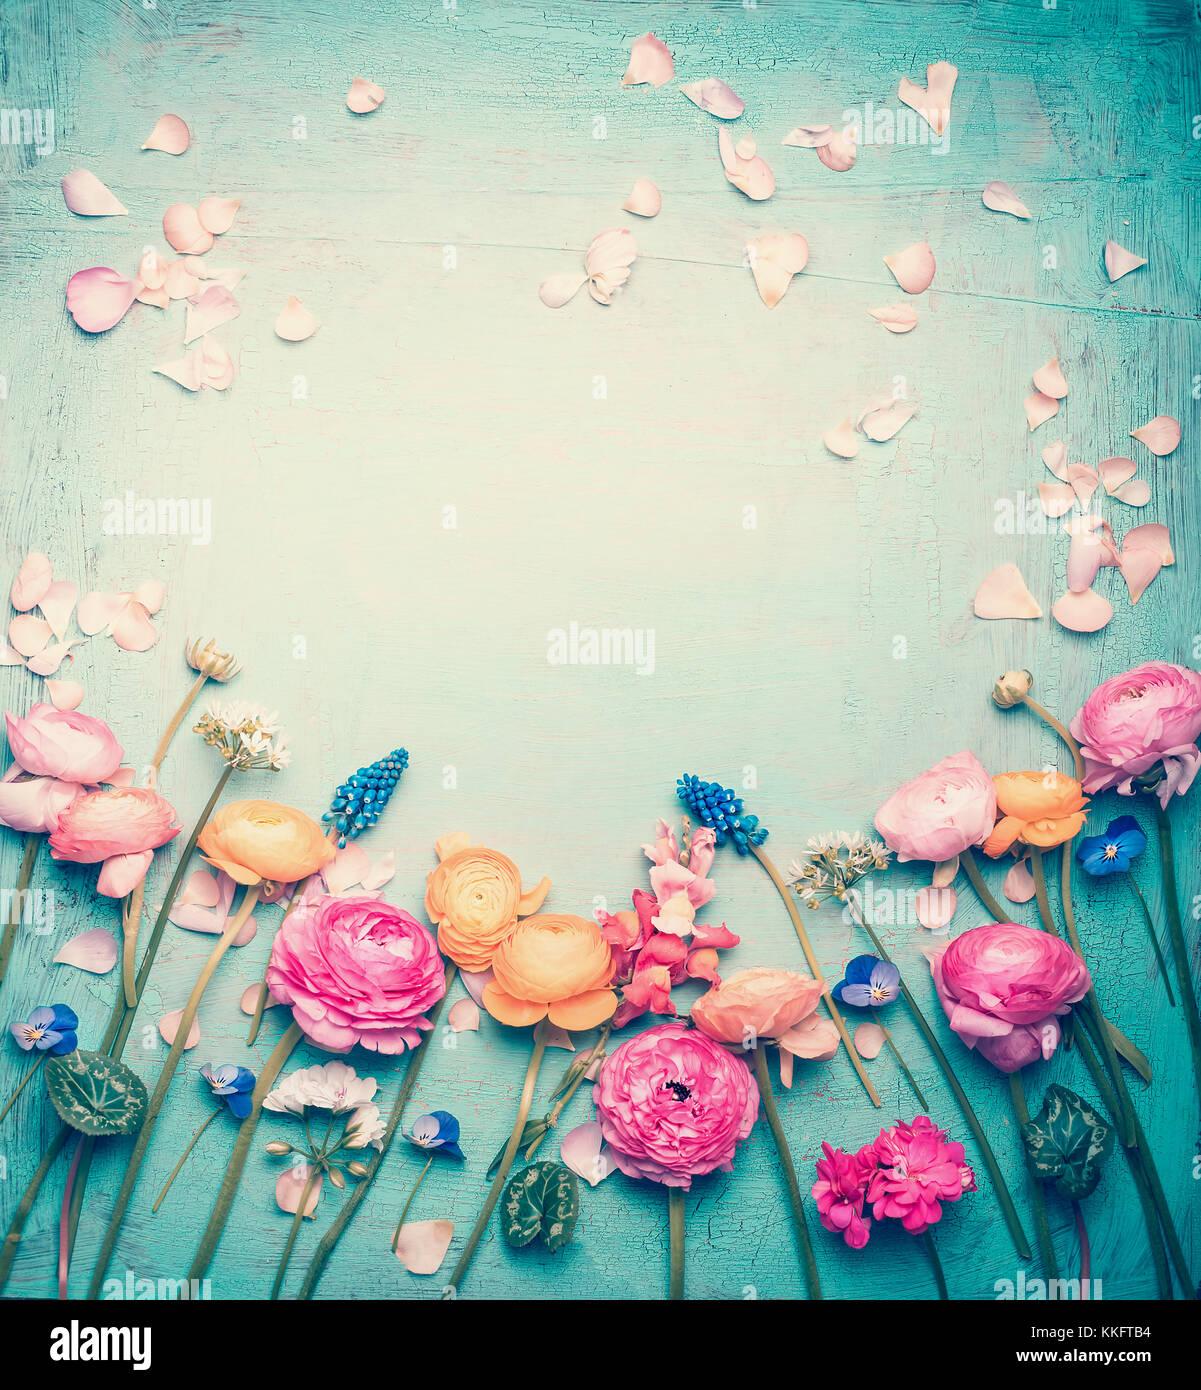 Blumen Rahmen mit schönen Blumen und Blüten, retro Pastellfarben ...